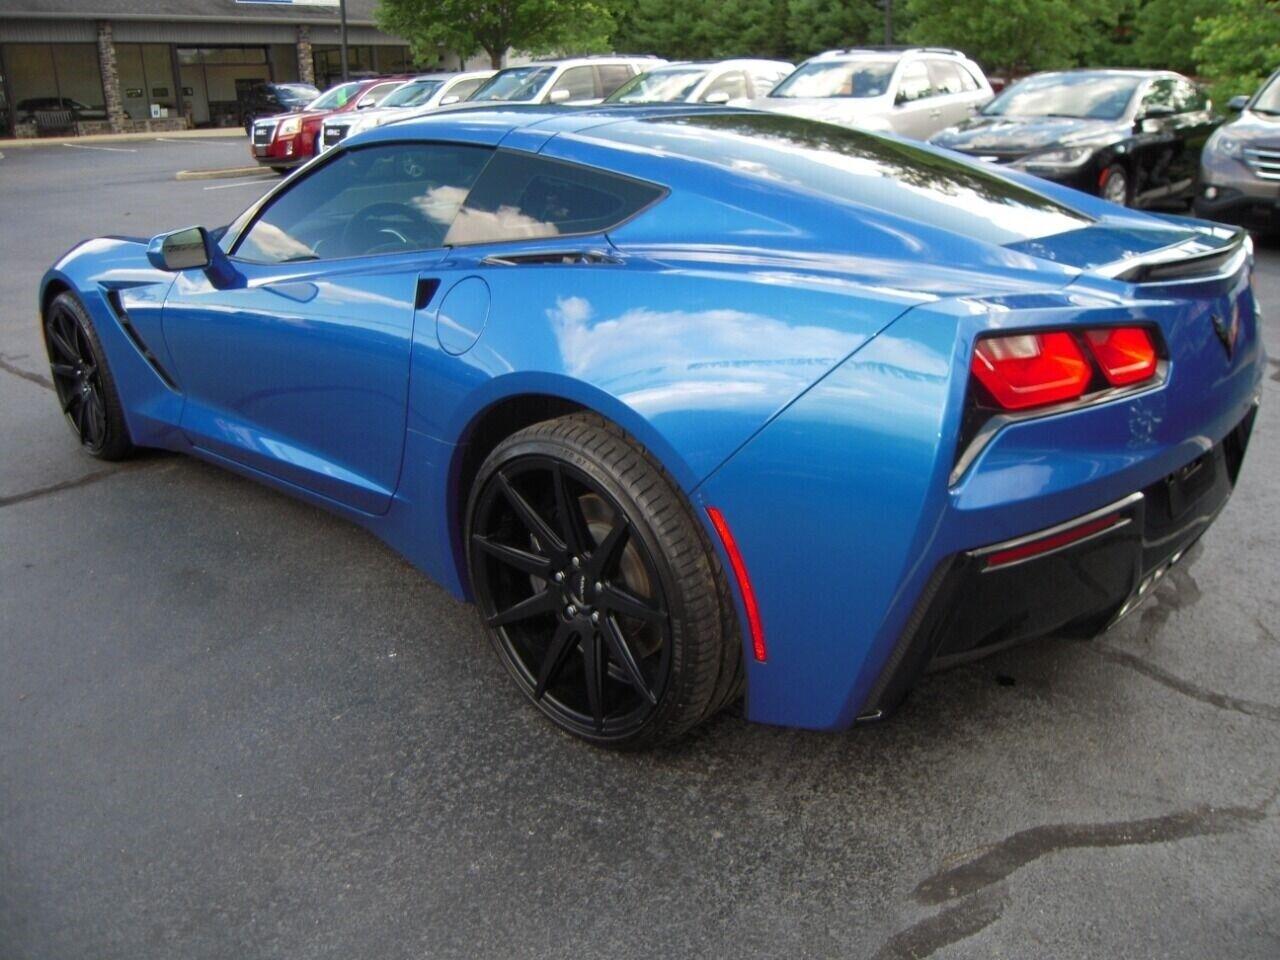 2014 Blue Chevrolet Corvette  1LT | C7 Corvette Photo 3